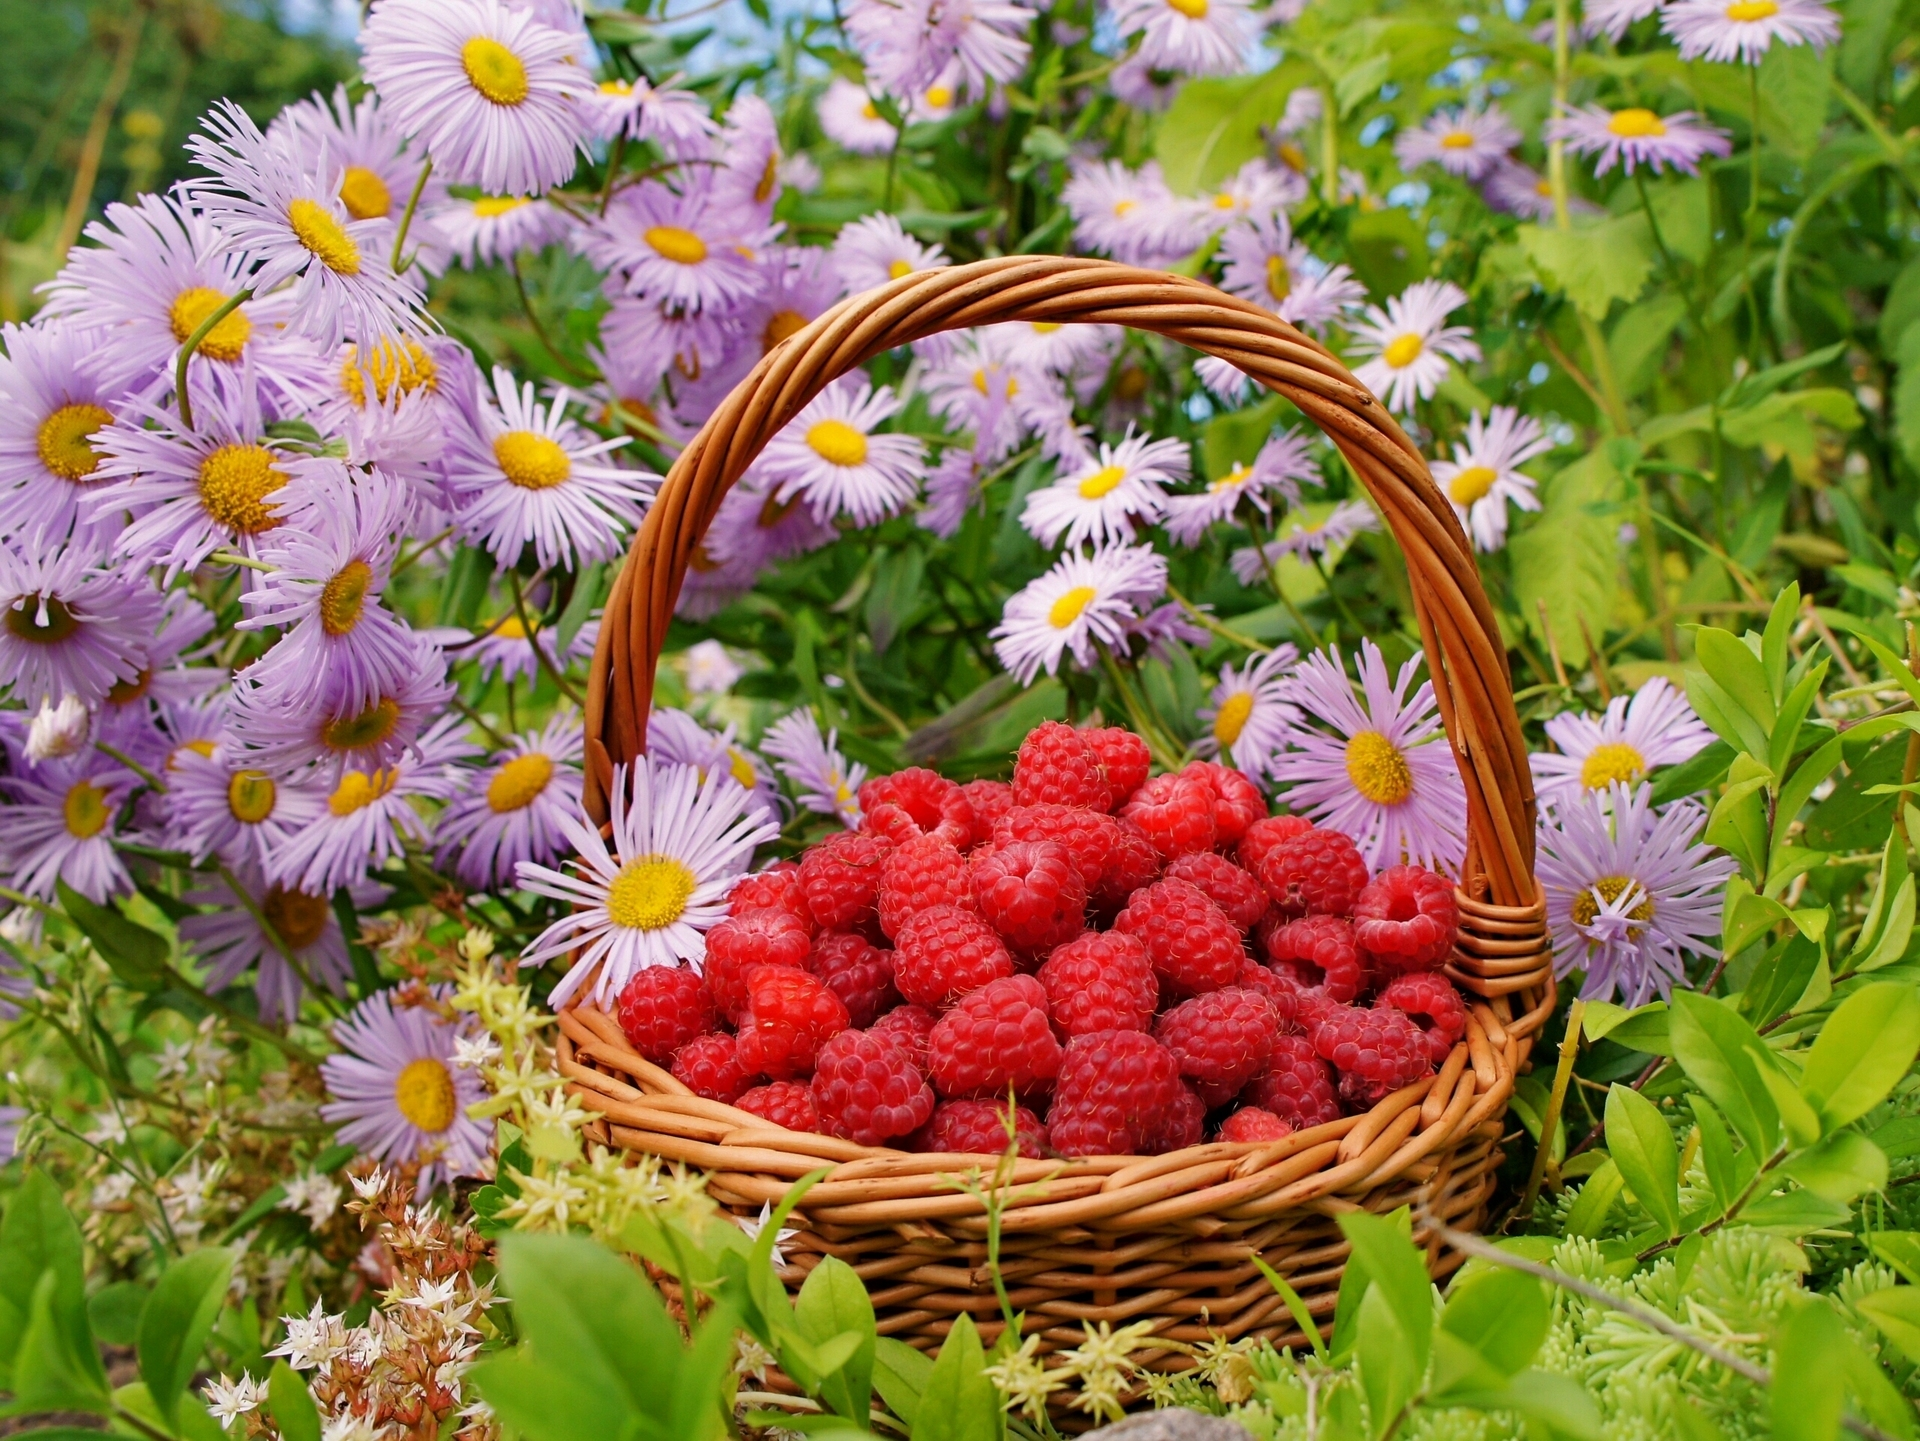 50771 скачать обои Цветы, Еда, Ягоды, Малина, Корзина - заставки и картинки бесплатно